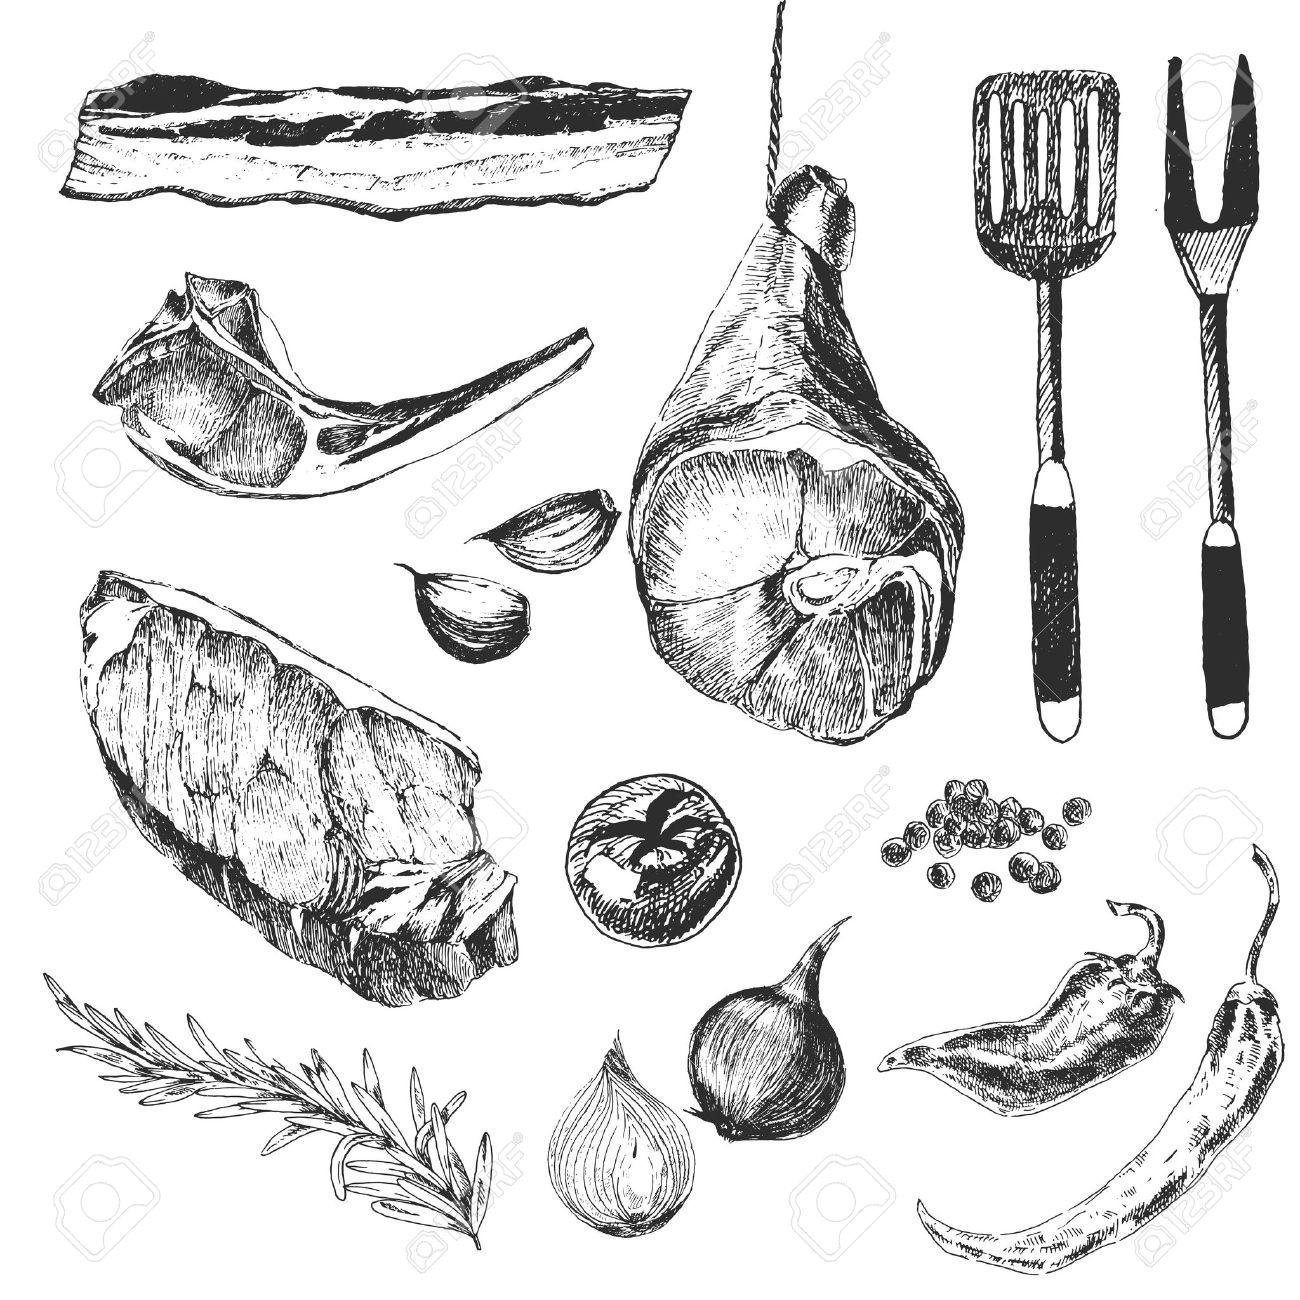 vector meat steak sketch drawing designer templates. lamb rib, parma ham, sirloin steak - 55869668